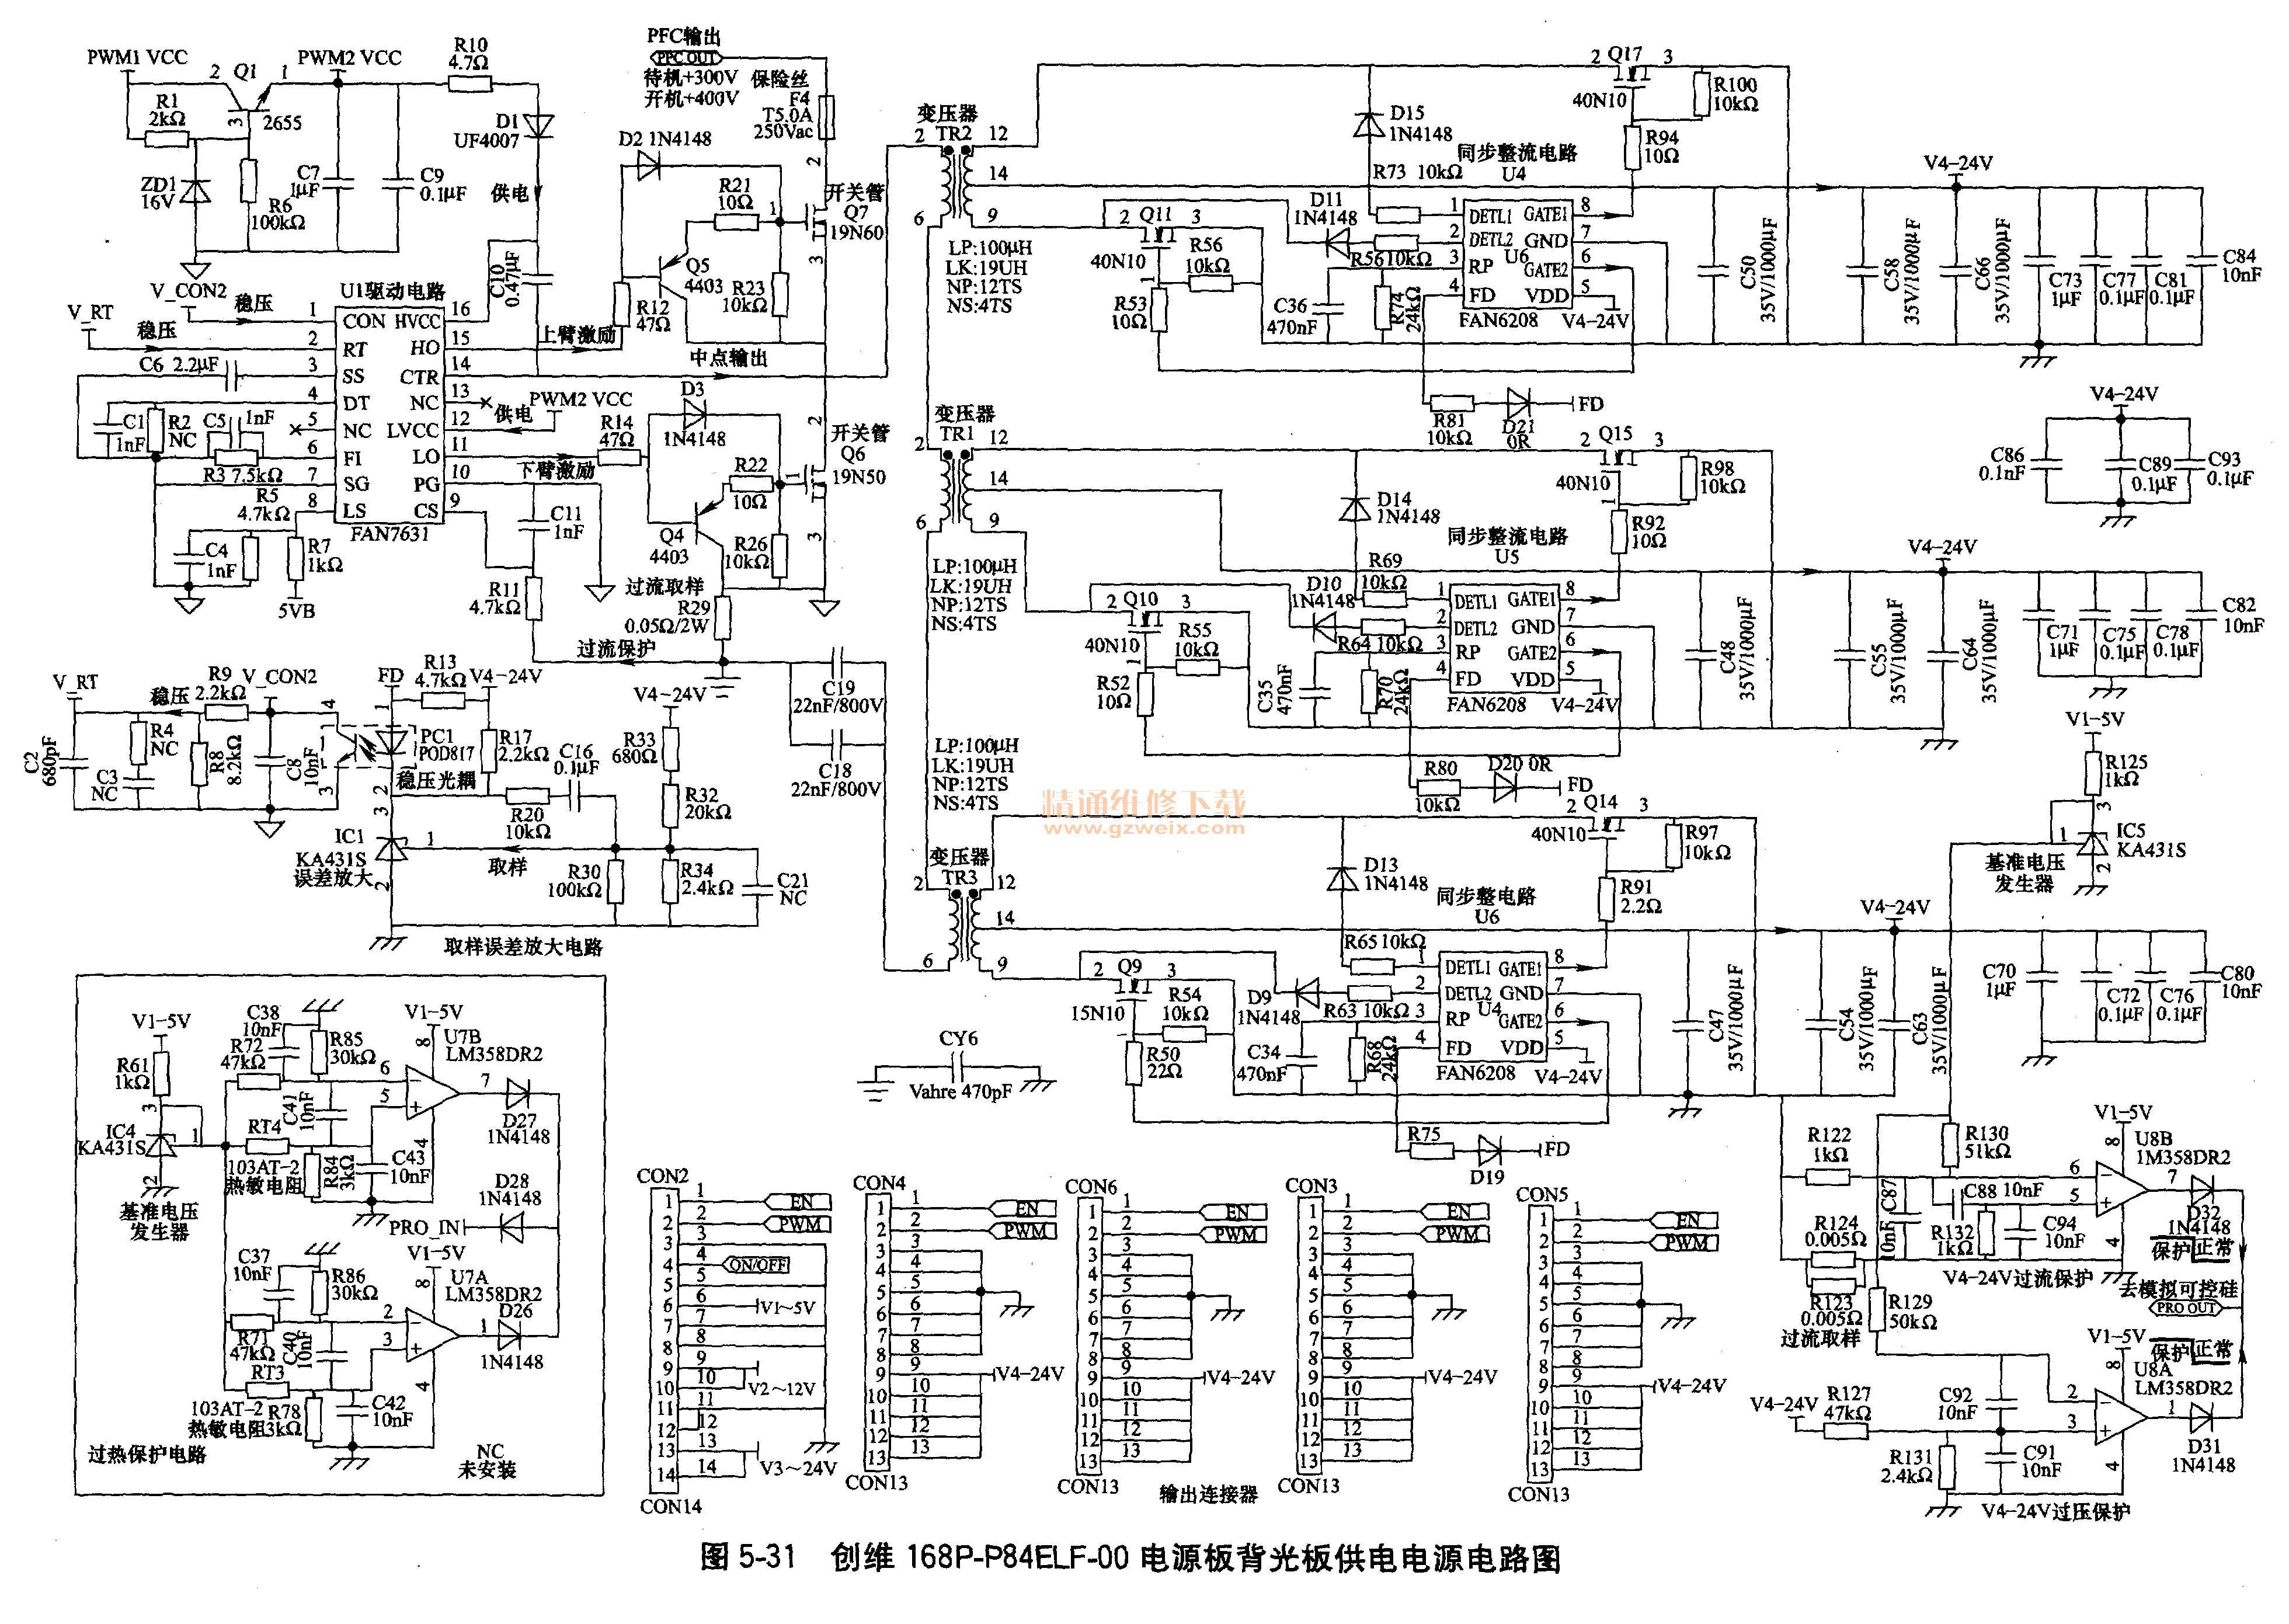 蚂蚁矿机电源板原理图